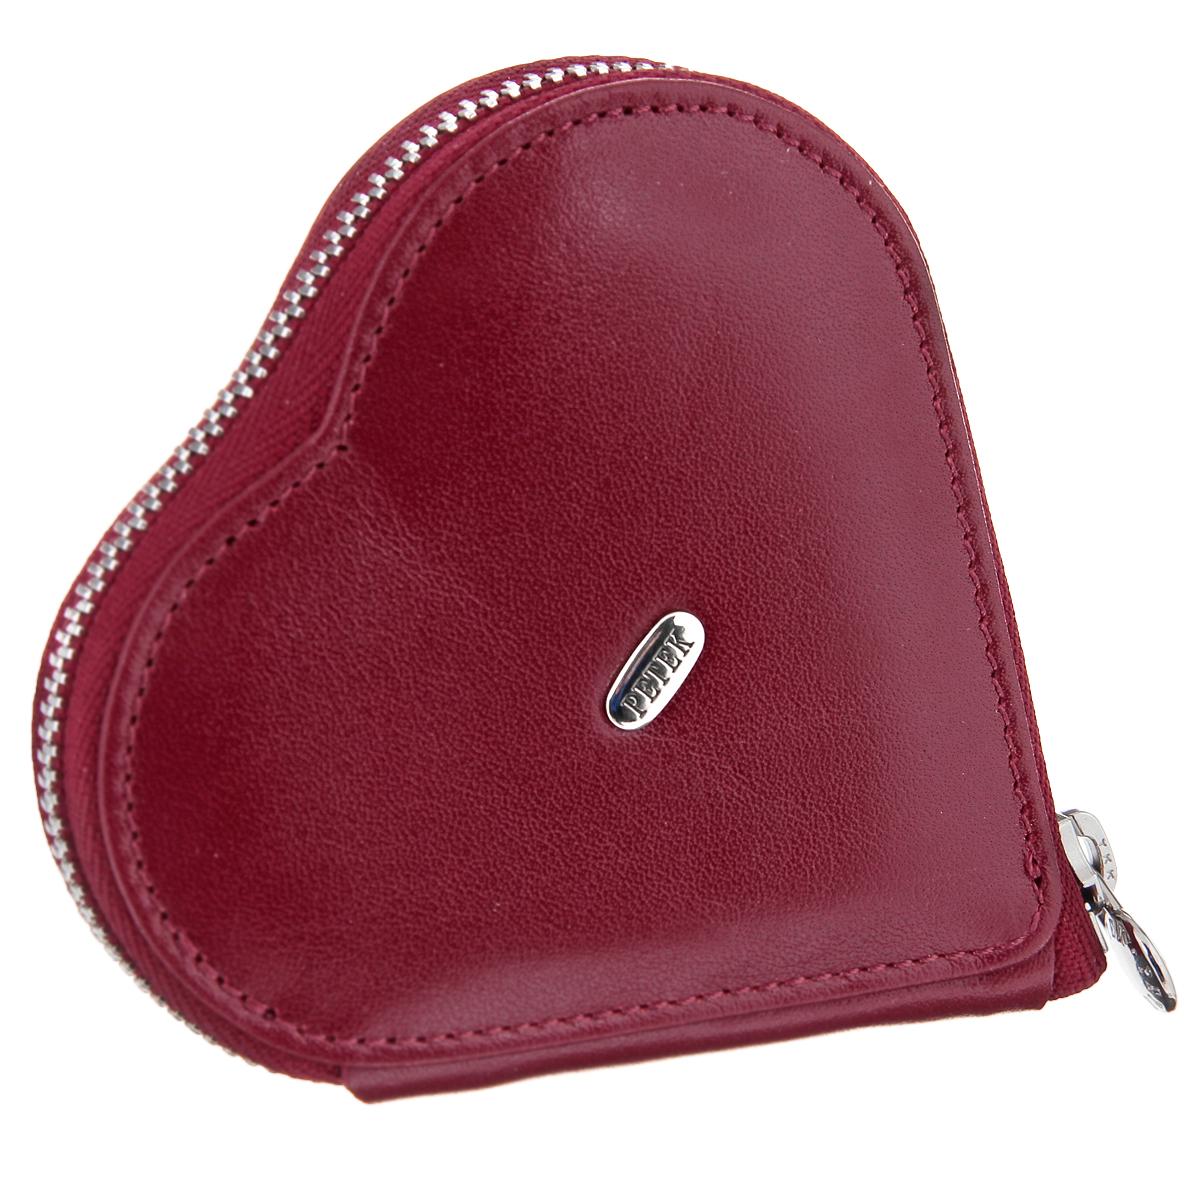 Кошелек для бижутерии Petek, цвет: бордовый. 1303.4000.101303.4000.10 RedПрелестный кошелек для бижутерии Petek изготовлен из натуральной высококачественной кожи бордового цвета и исполнен в форме сердца. Изделие оформлено на лицевой стороне металлическим элементом с гравировкой Petek, а также лаконичной прострочкой. Внутреннее отделение, закрывающееся на застежку-молнию, позволит вам систематизировать свою коллекцию аксессуаров. Изделие упаковано в фирменную коробку с логотипом бренда. Стильный кошелек для бижутерии подчеркнет вашу индивидуальность и изысканный вкус, а также станет замечательным подарком человеку, ценящему качественные и практичные вещи.